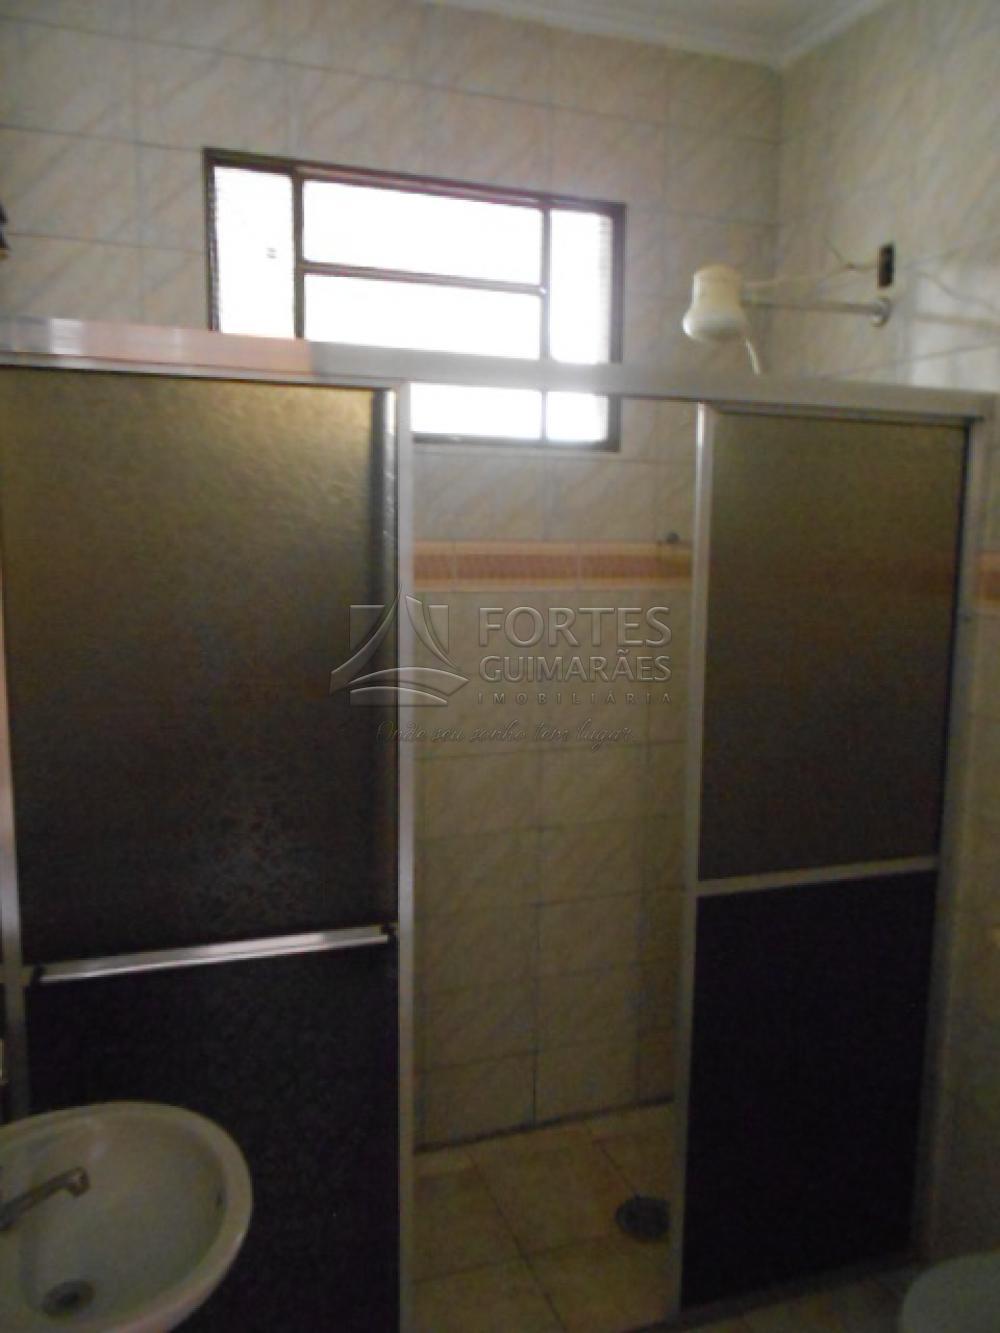 Alugar Casas / Padrão em Ribeirão Preto apenas R$ 950,00 - Foto 16